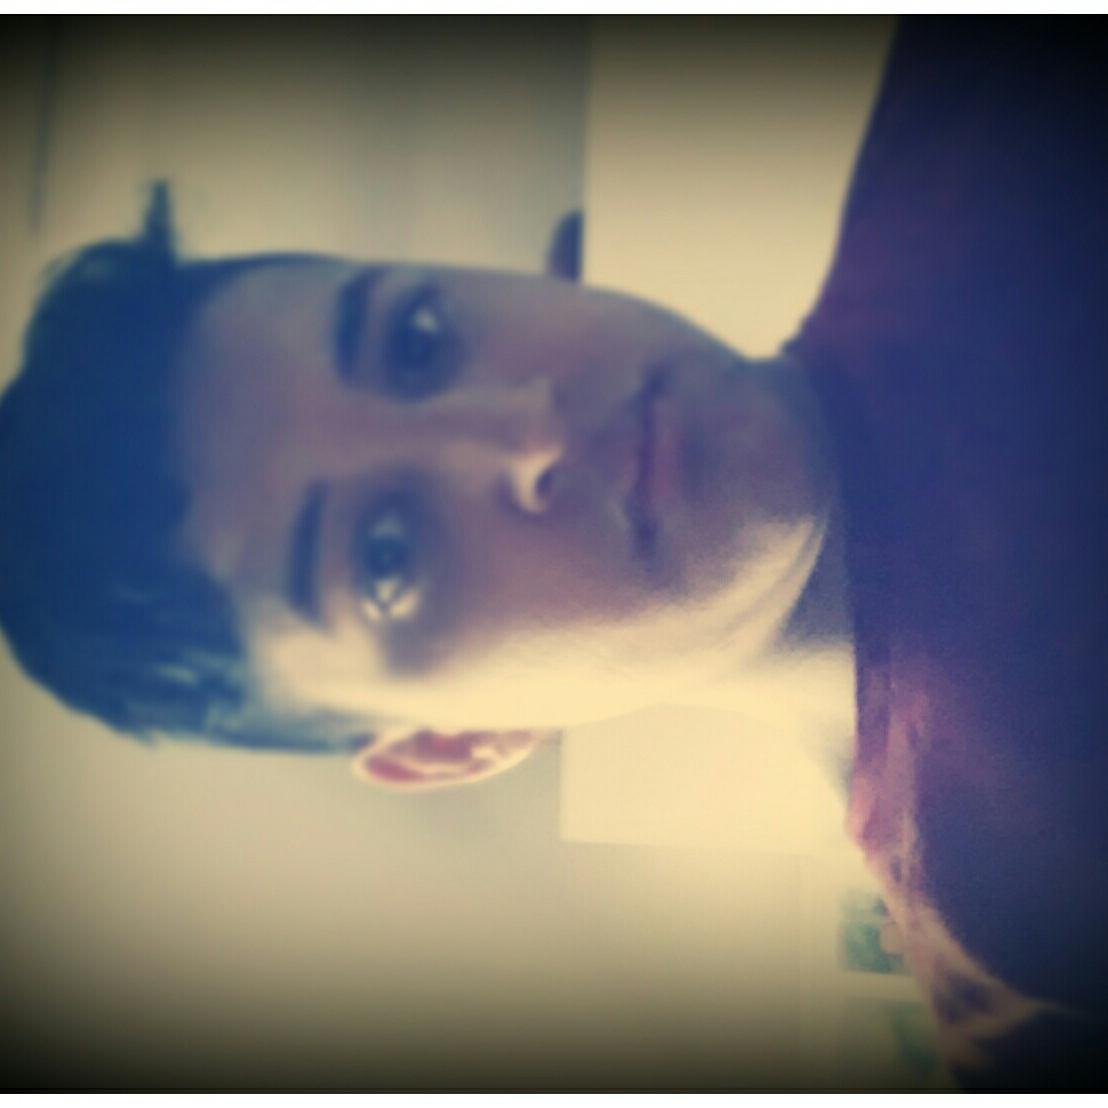 Ahmed HbL